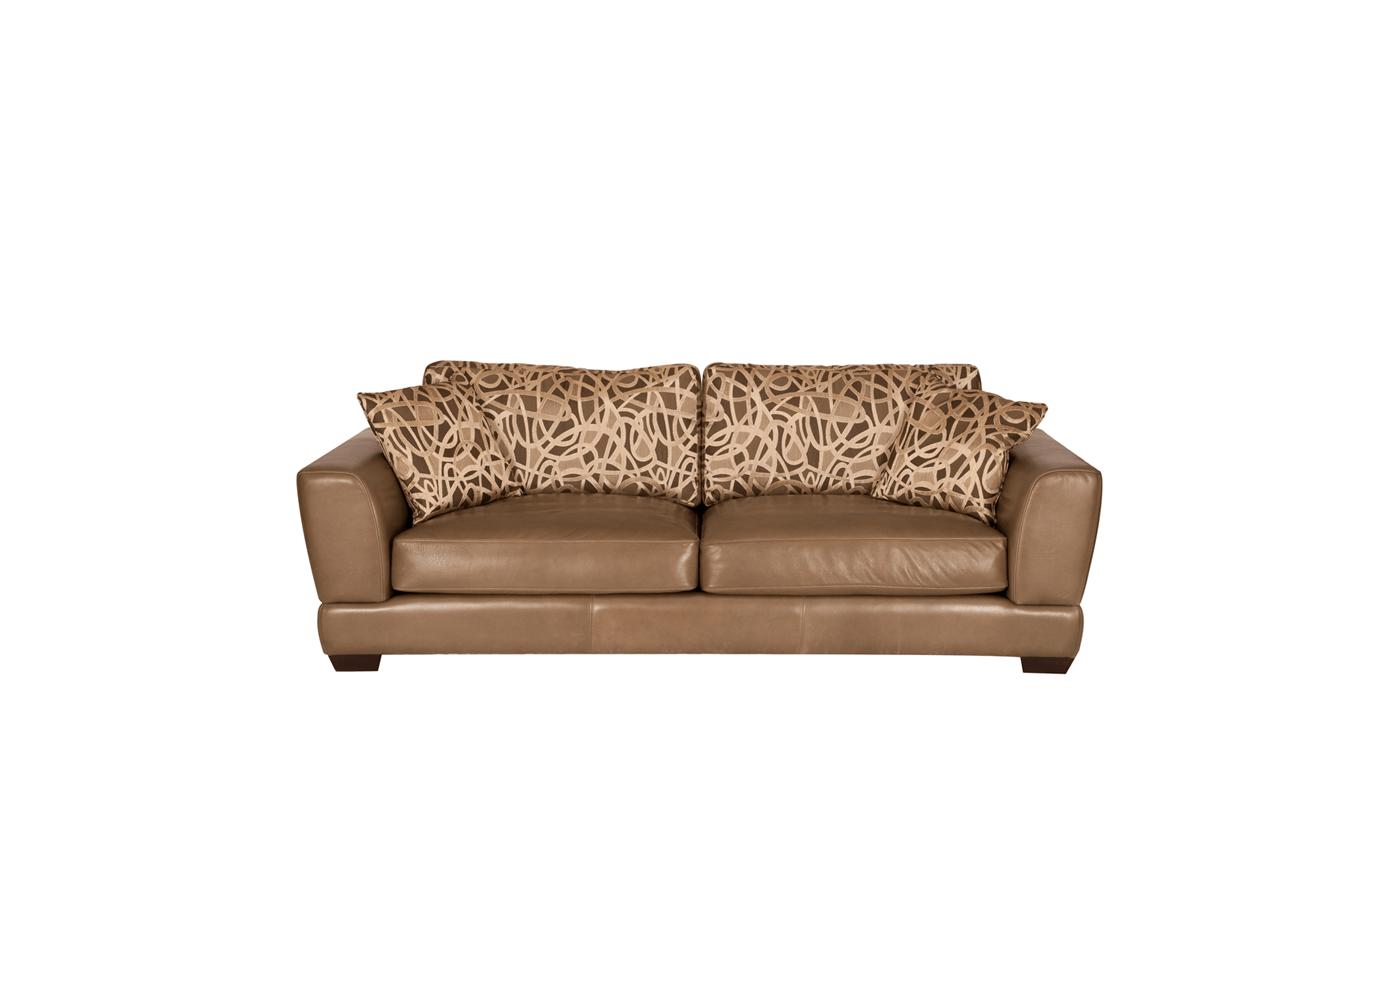 diamond sofa dolce asian style sofas uk polanco furniture store ottawa interior decor solutions